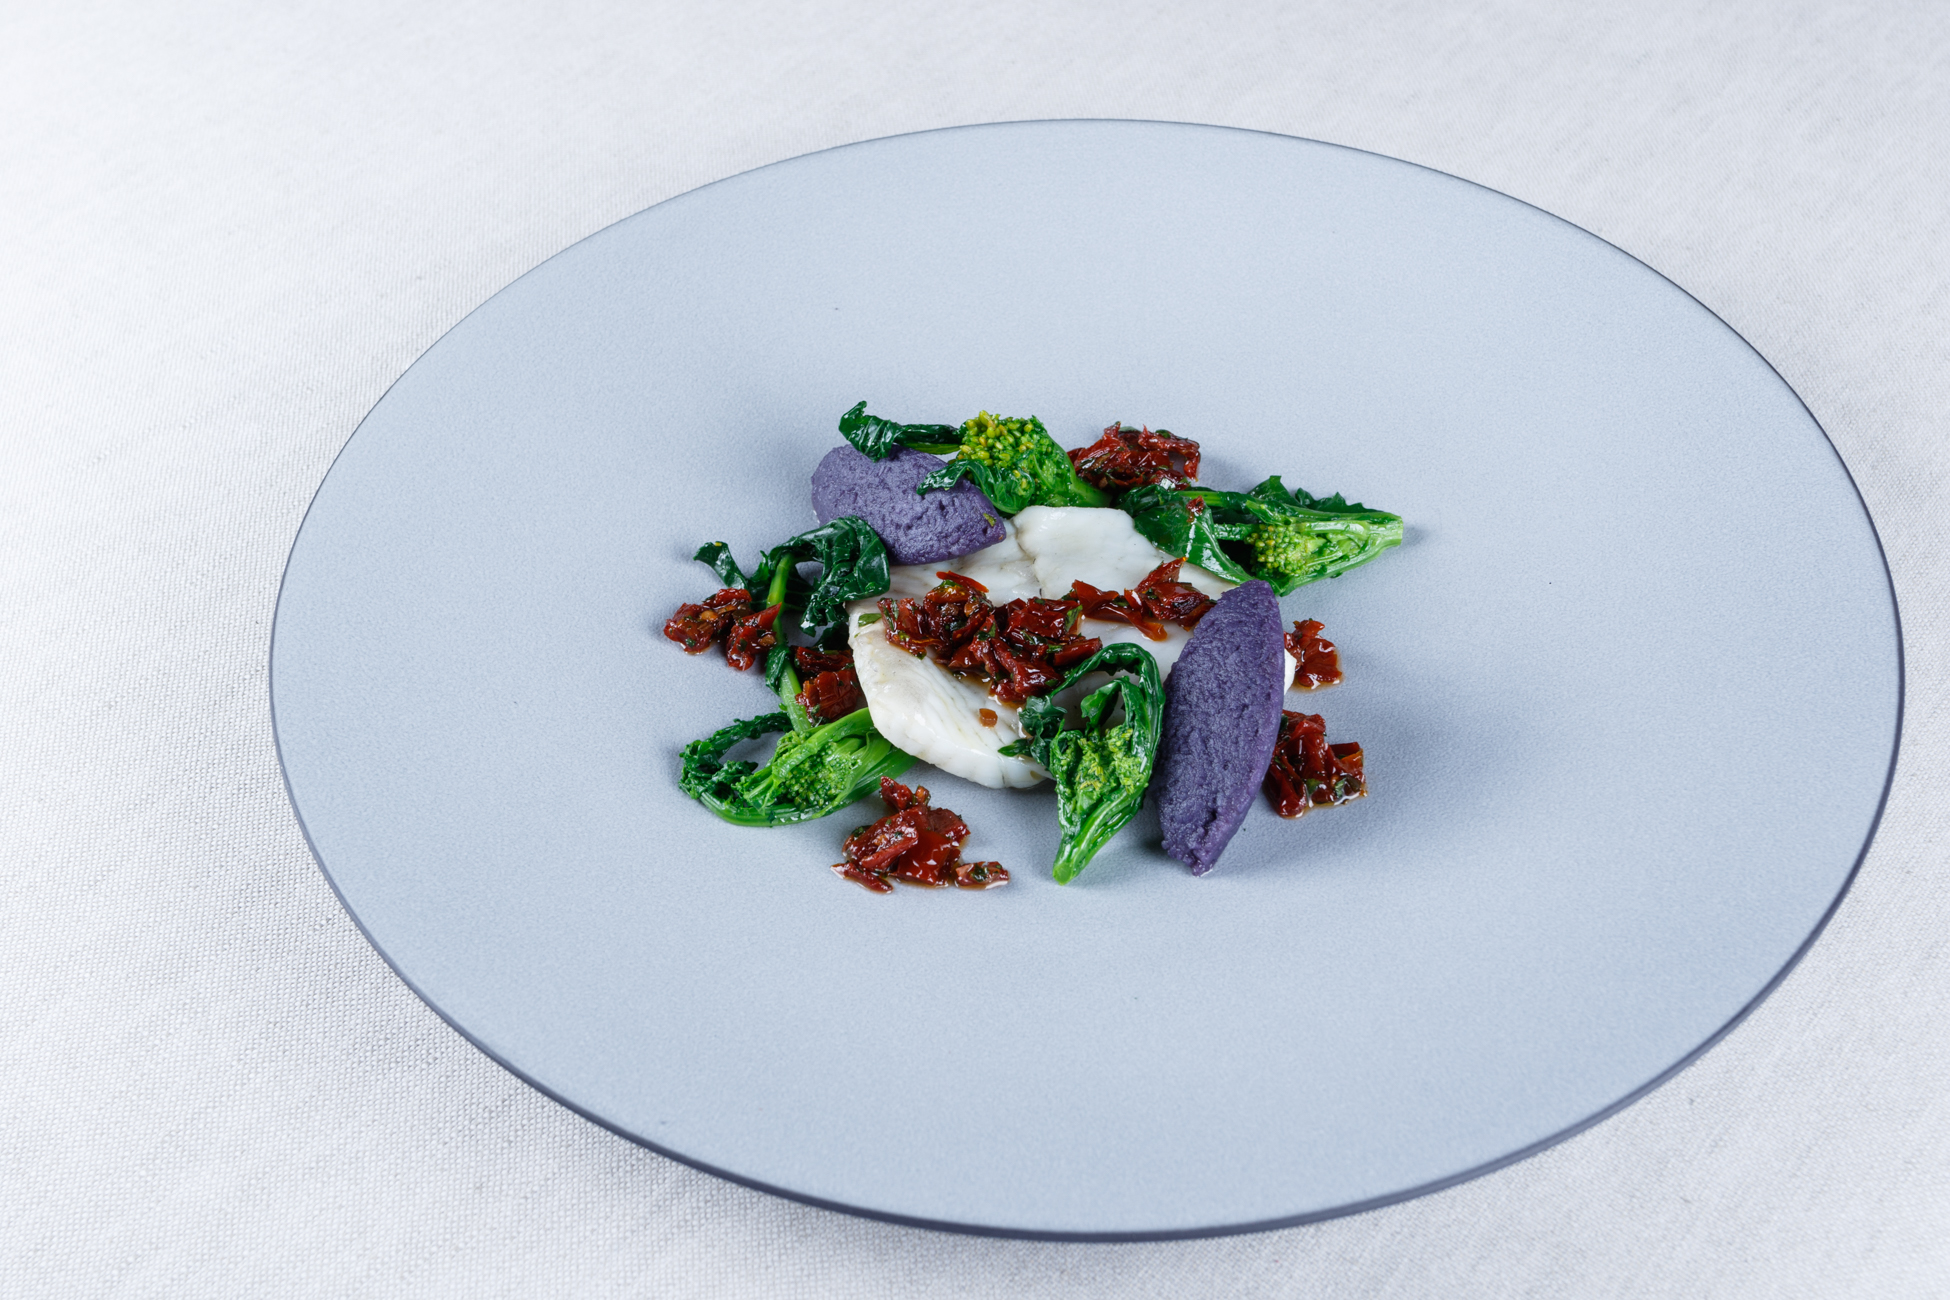 secondo-piatto-alta-cucina-ristorante-parma